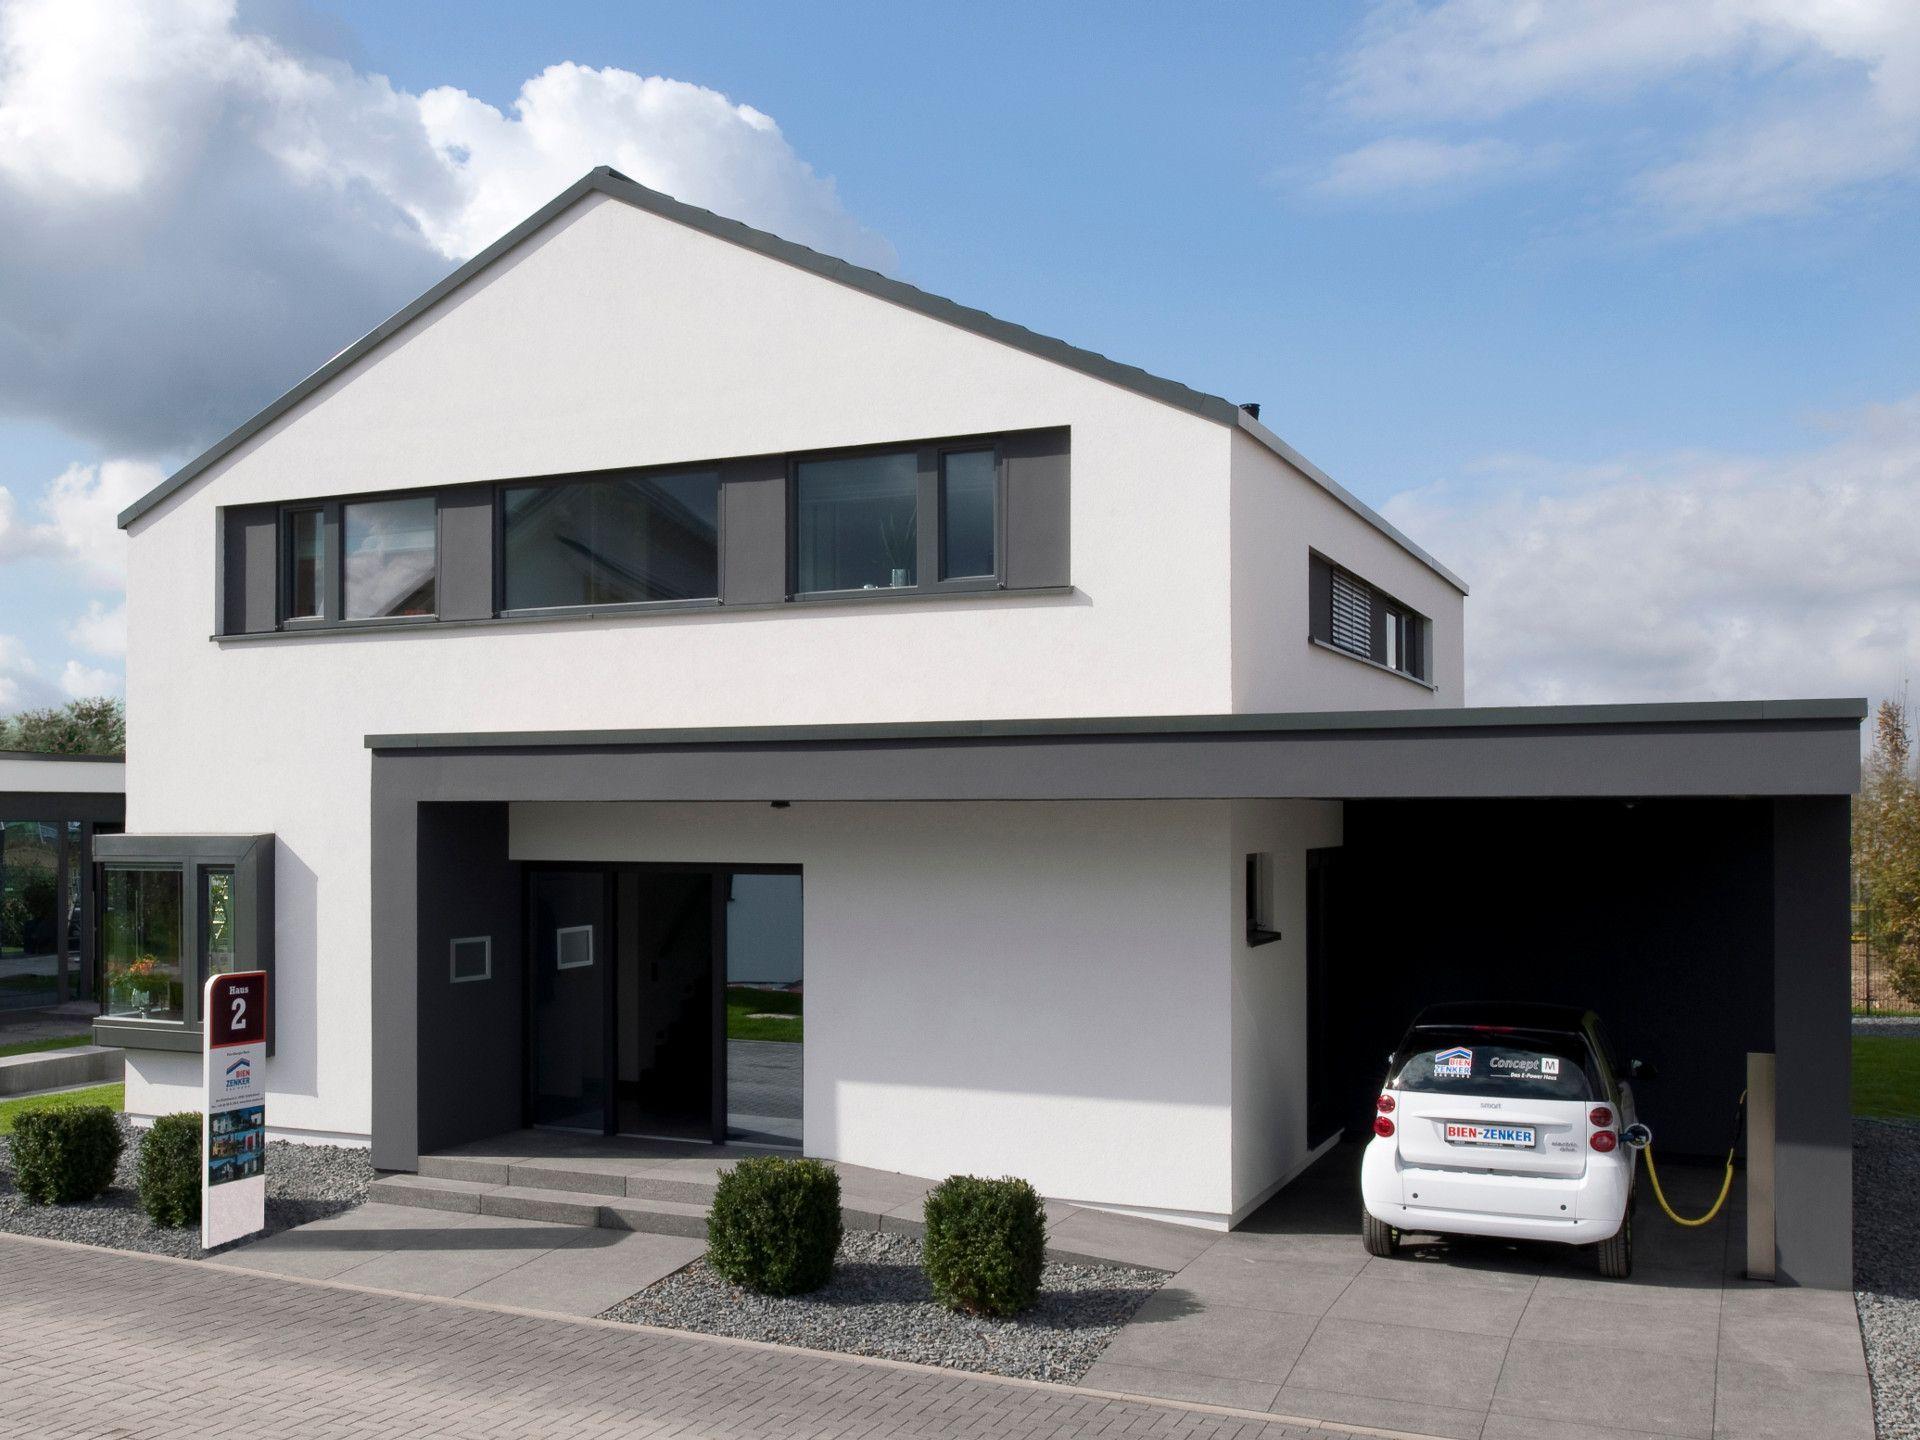 Innenarchitektur wohnzimmer grundrisse einfamilienhaus conceptm design von bienzenker weniger ist mehr